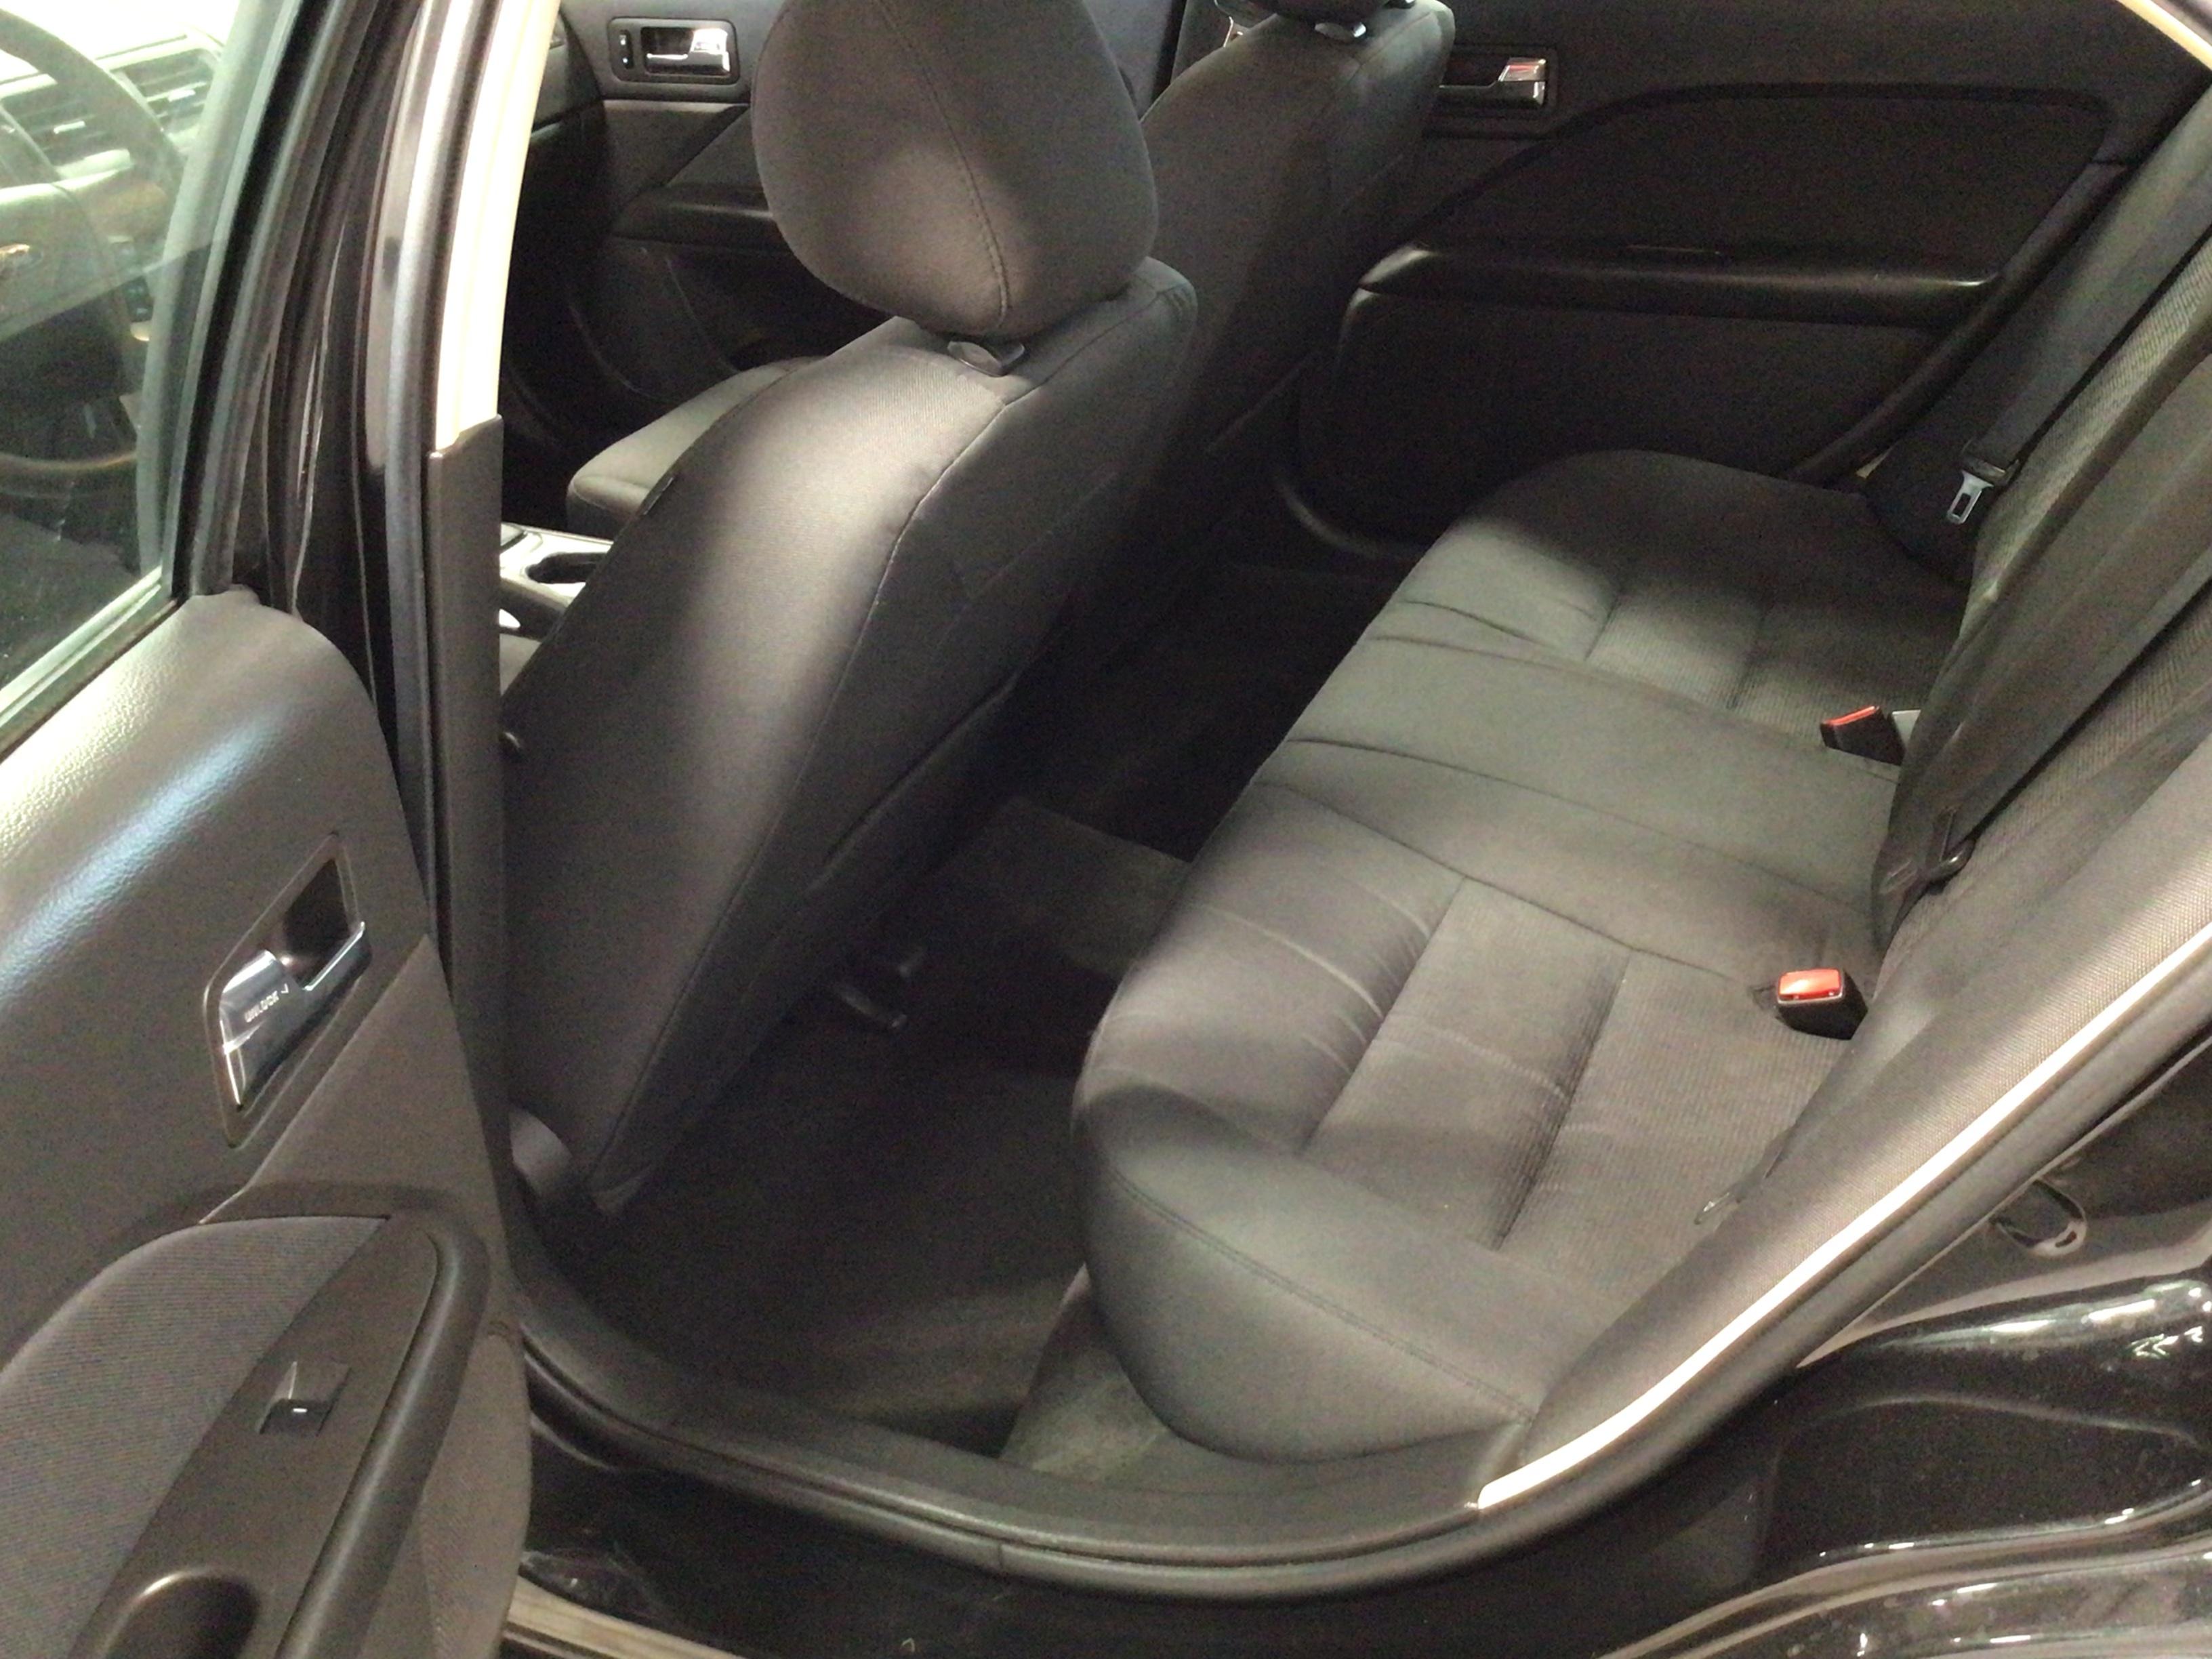 used vehicle - Sedan FORD FUSION 2012